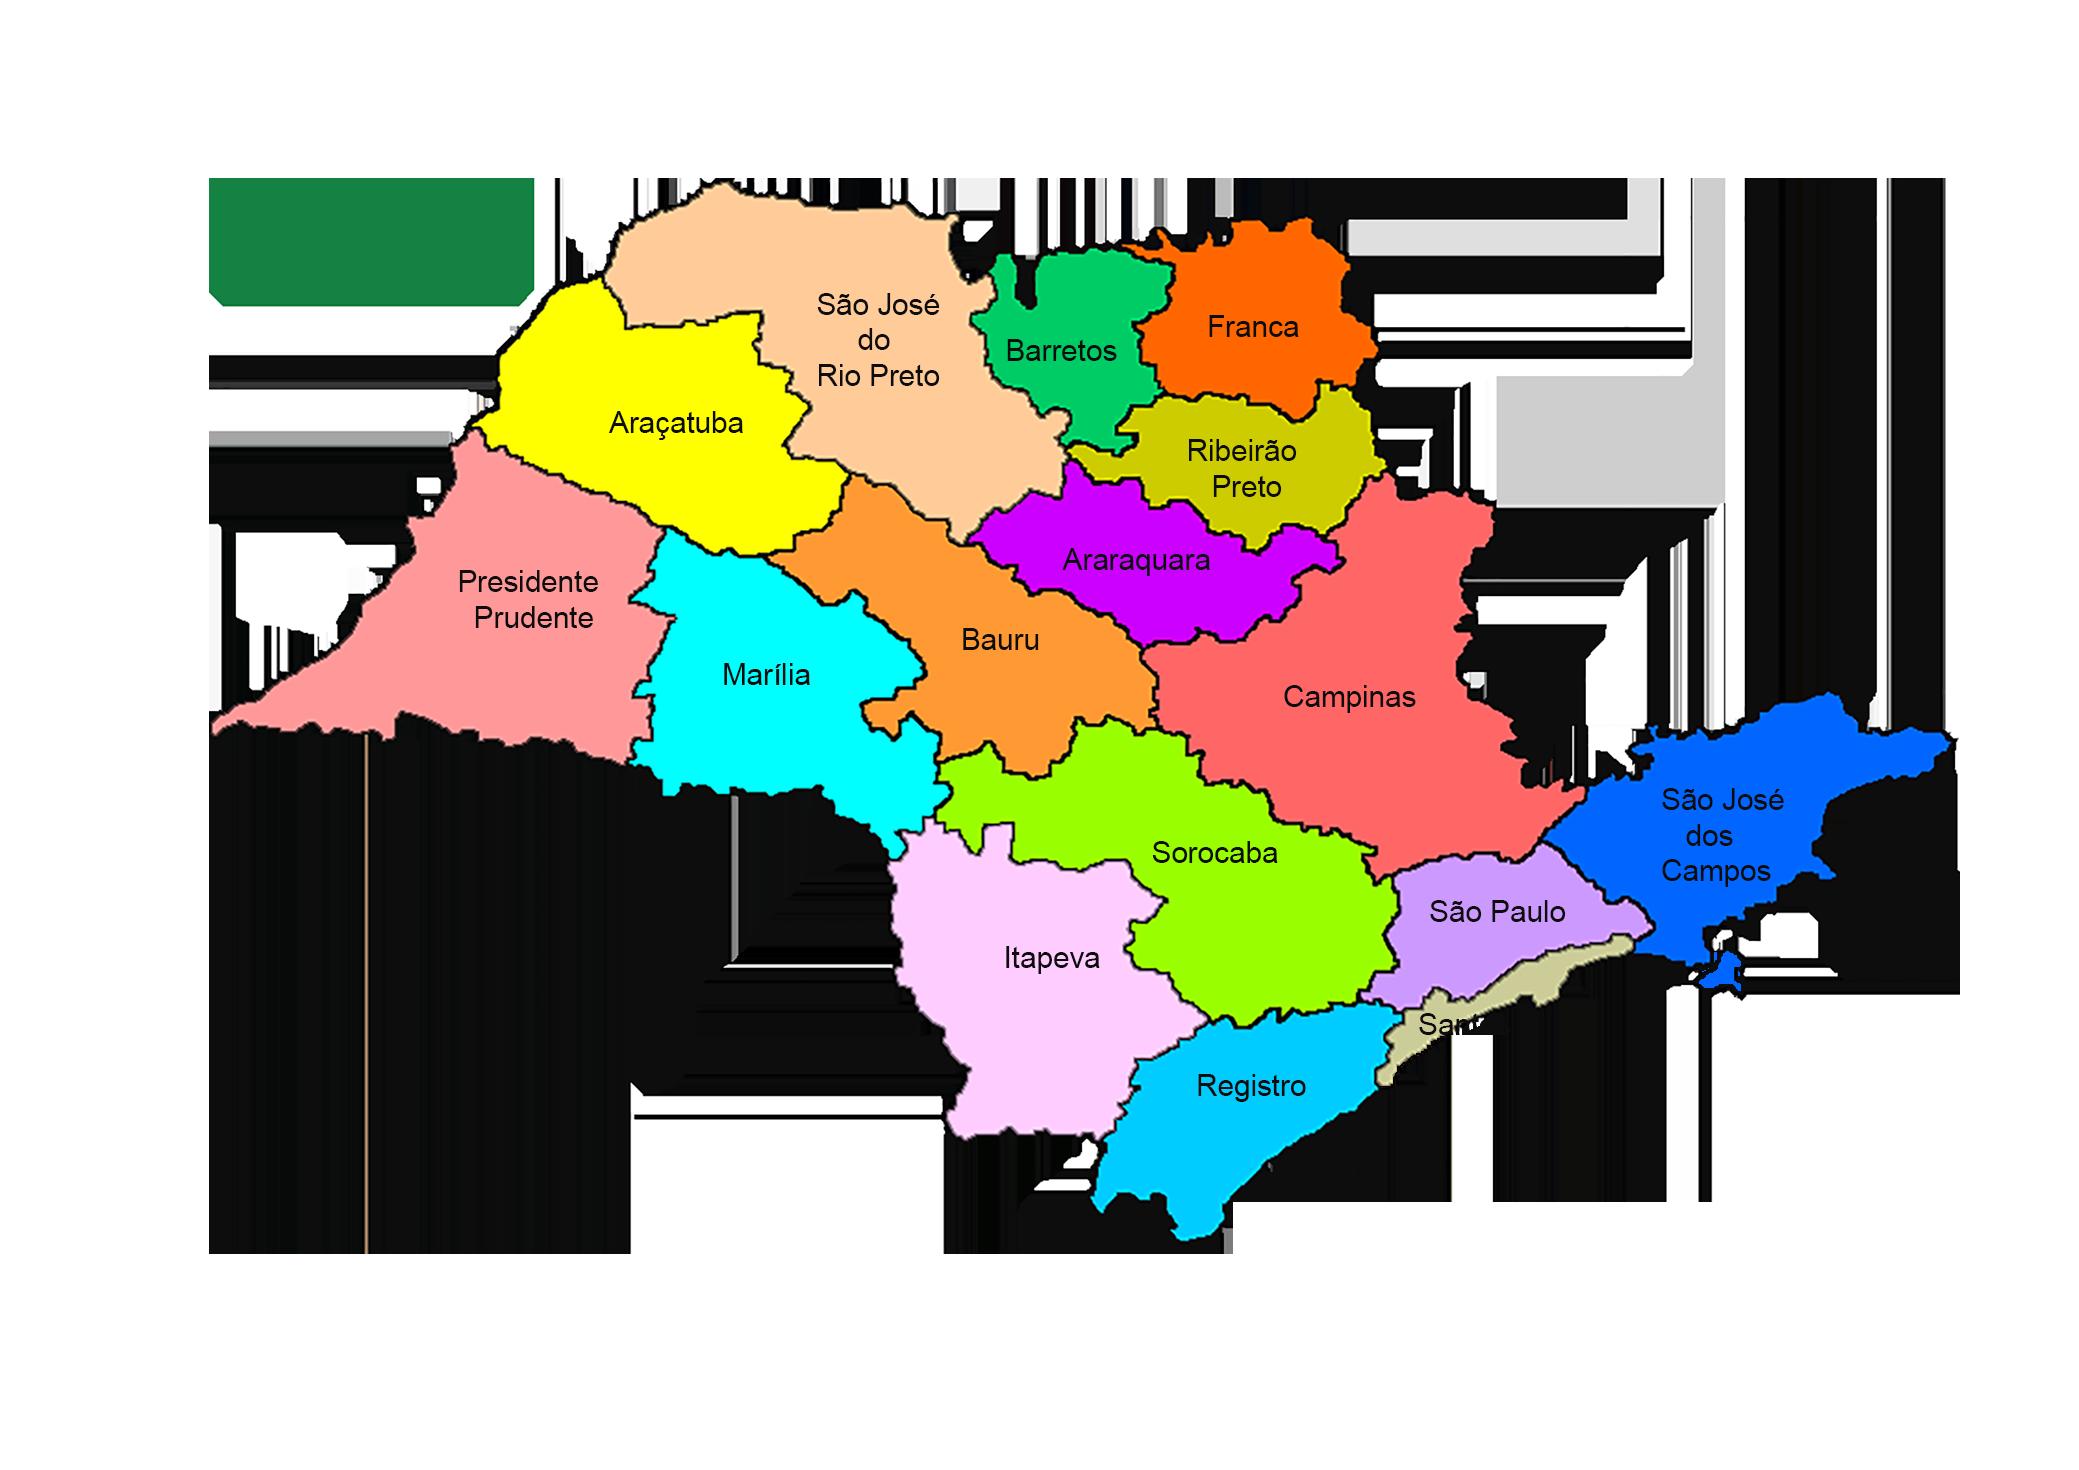 estado_de_sao_paulo